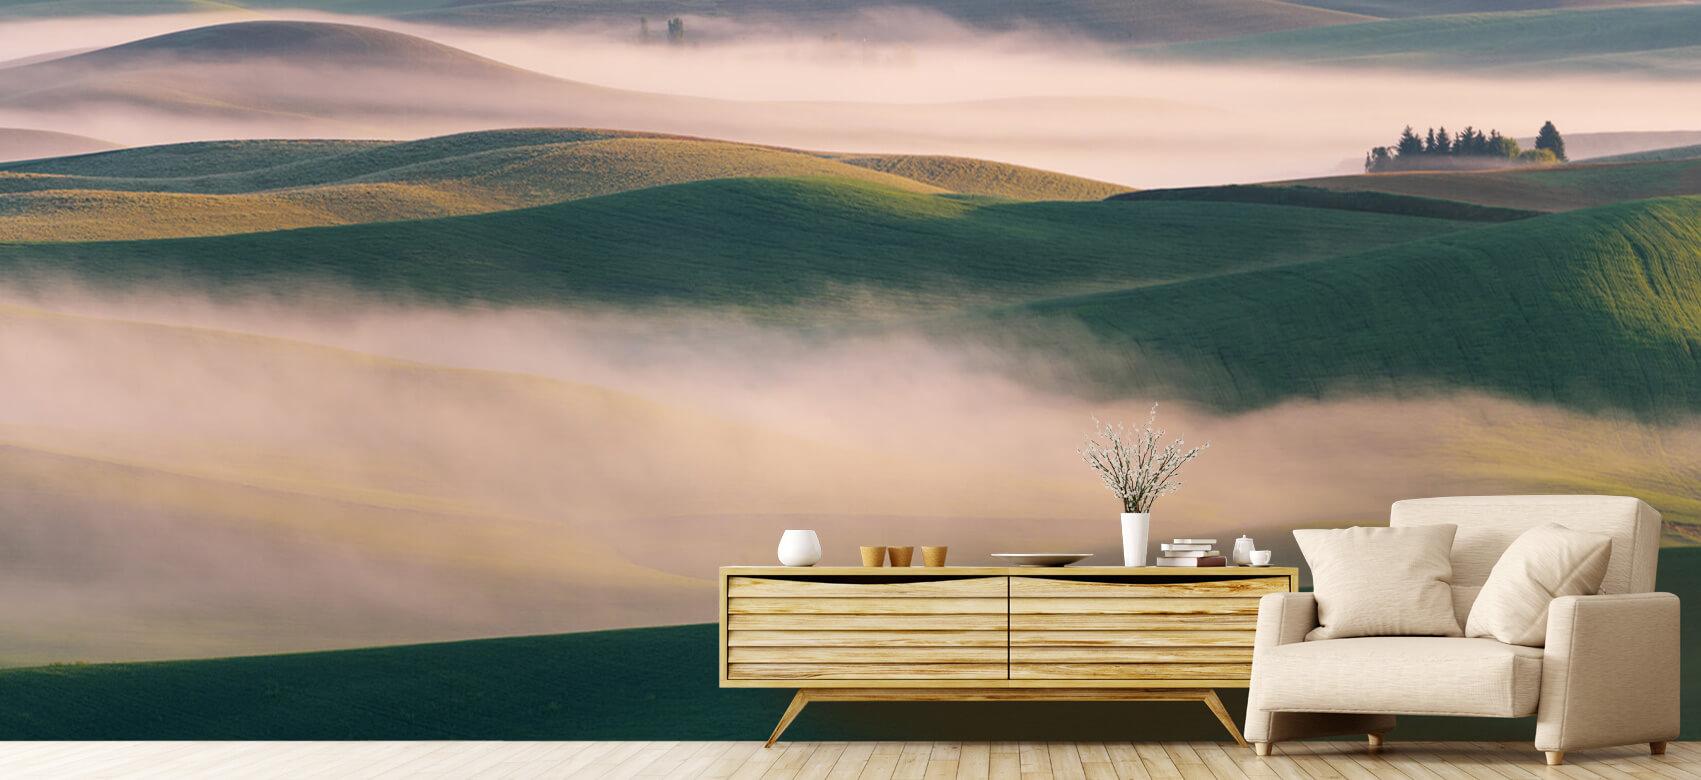 Dream Land in Morning Mist 6